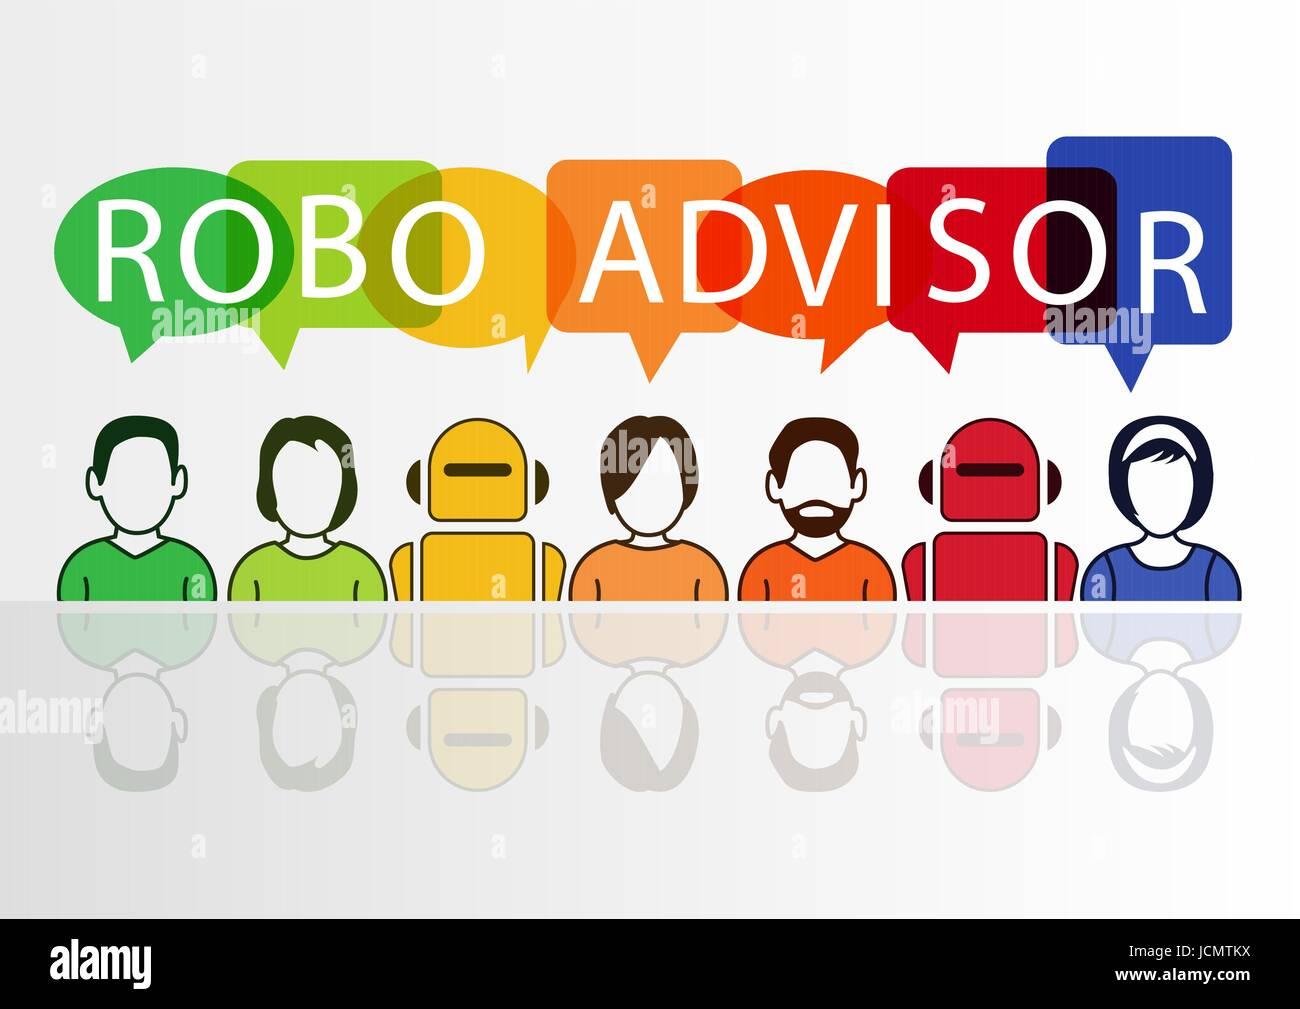 Robo-advisor concepto como ilustración vectorial con coloridos iconos de robots y personas Ilustración del Vector